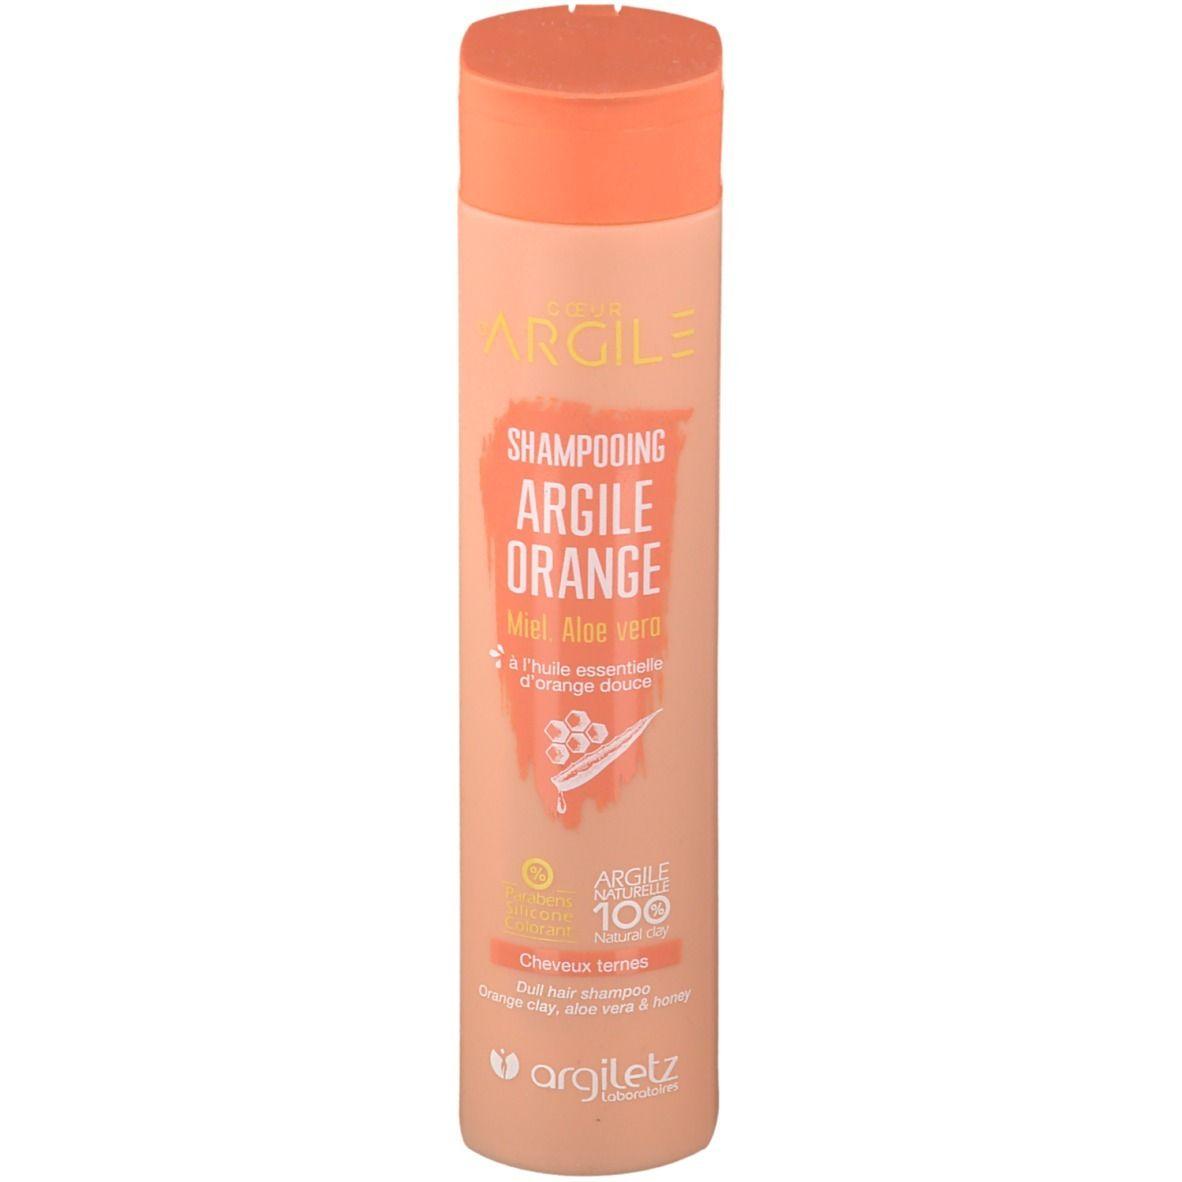 Image of Argiletz Coeur d'Argile Shampoo Orange